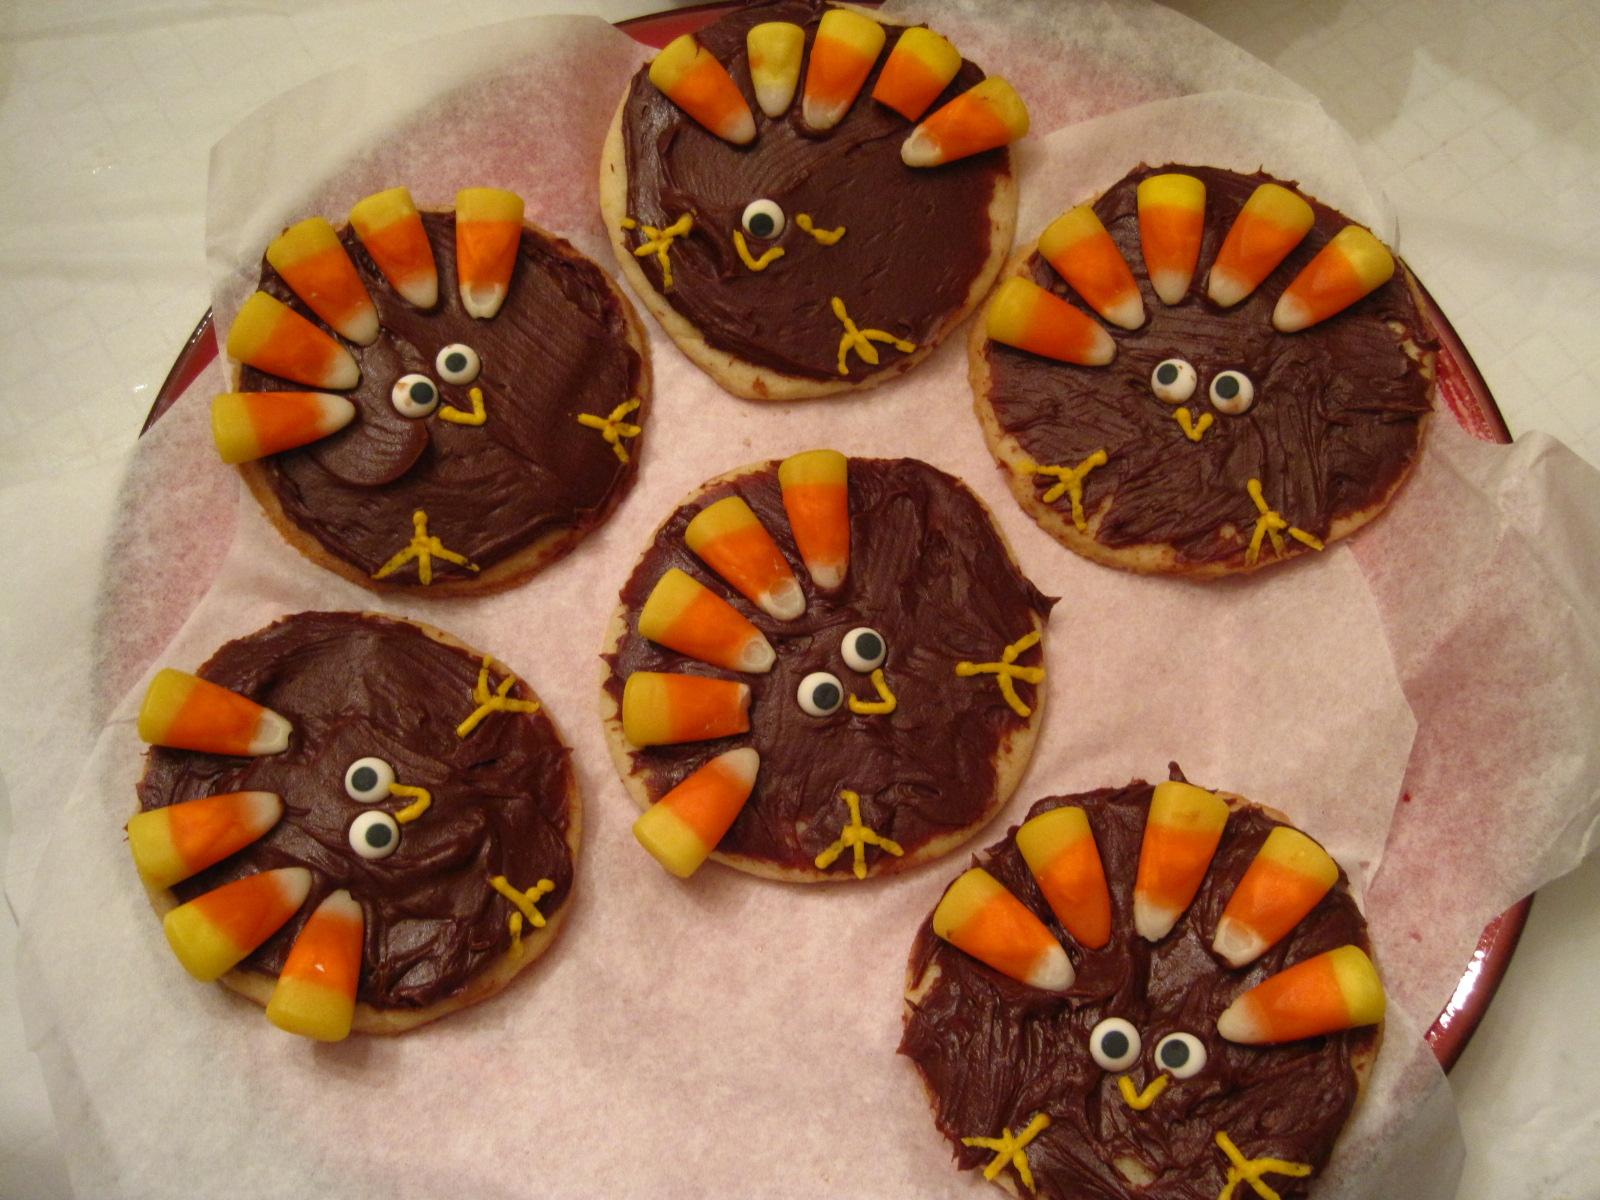 Cupcake Decorating Ideas Thanksgiving : Pin Thanksgiving Cupcakes Decorating Ideas Cake on Pinterest